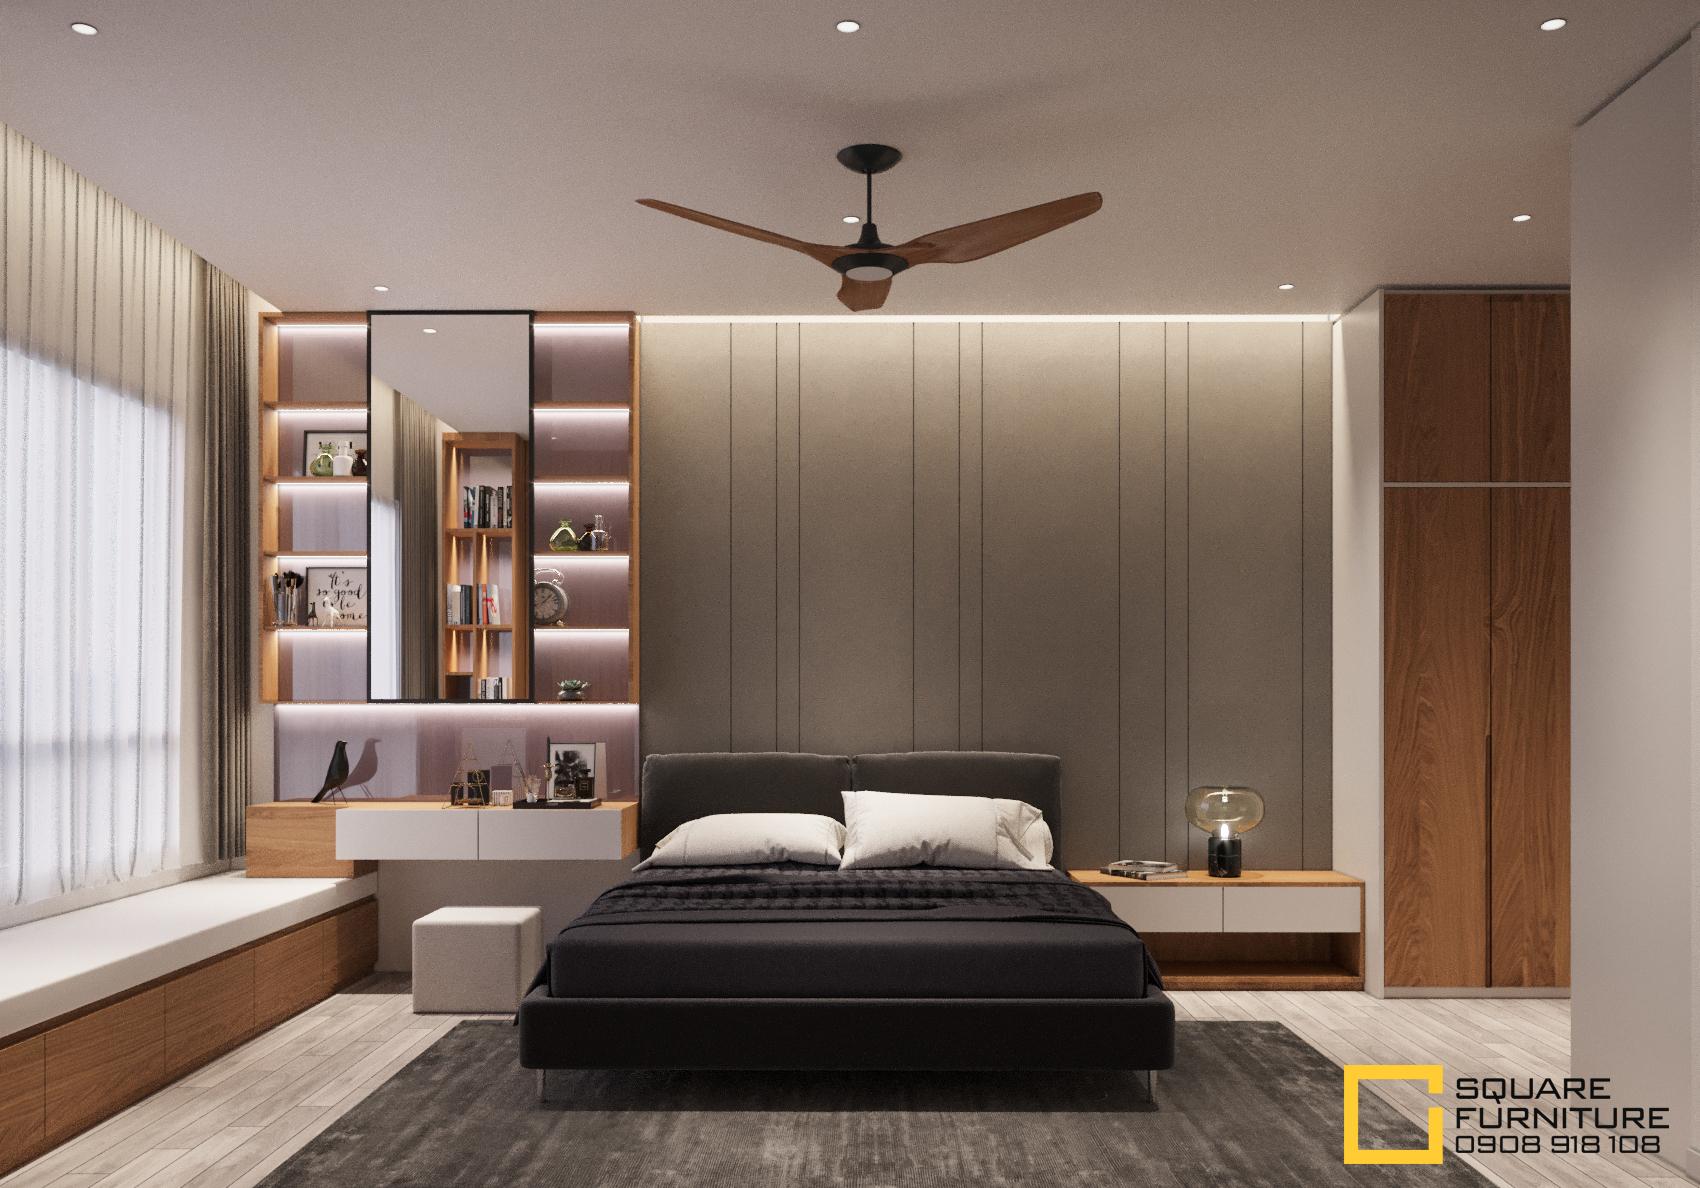 thiết kế nội thất chung cư tại Hồ Chí Minh Căn hộ Haiwaii Đảo Kim Cương 8 1559032084